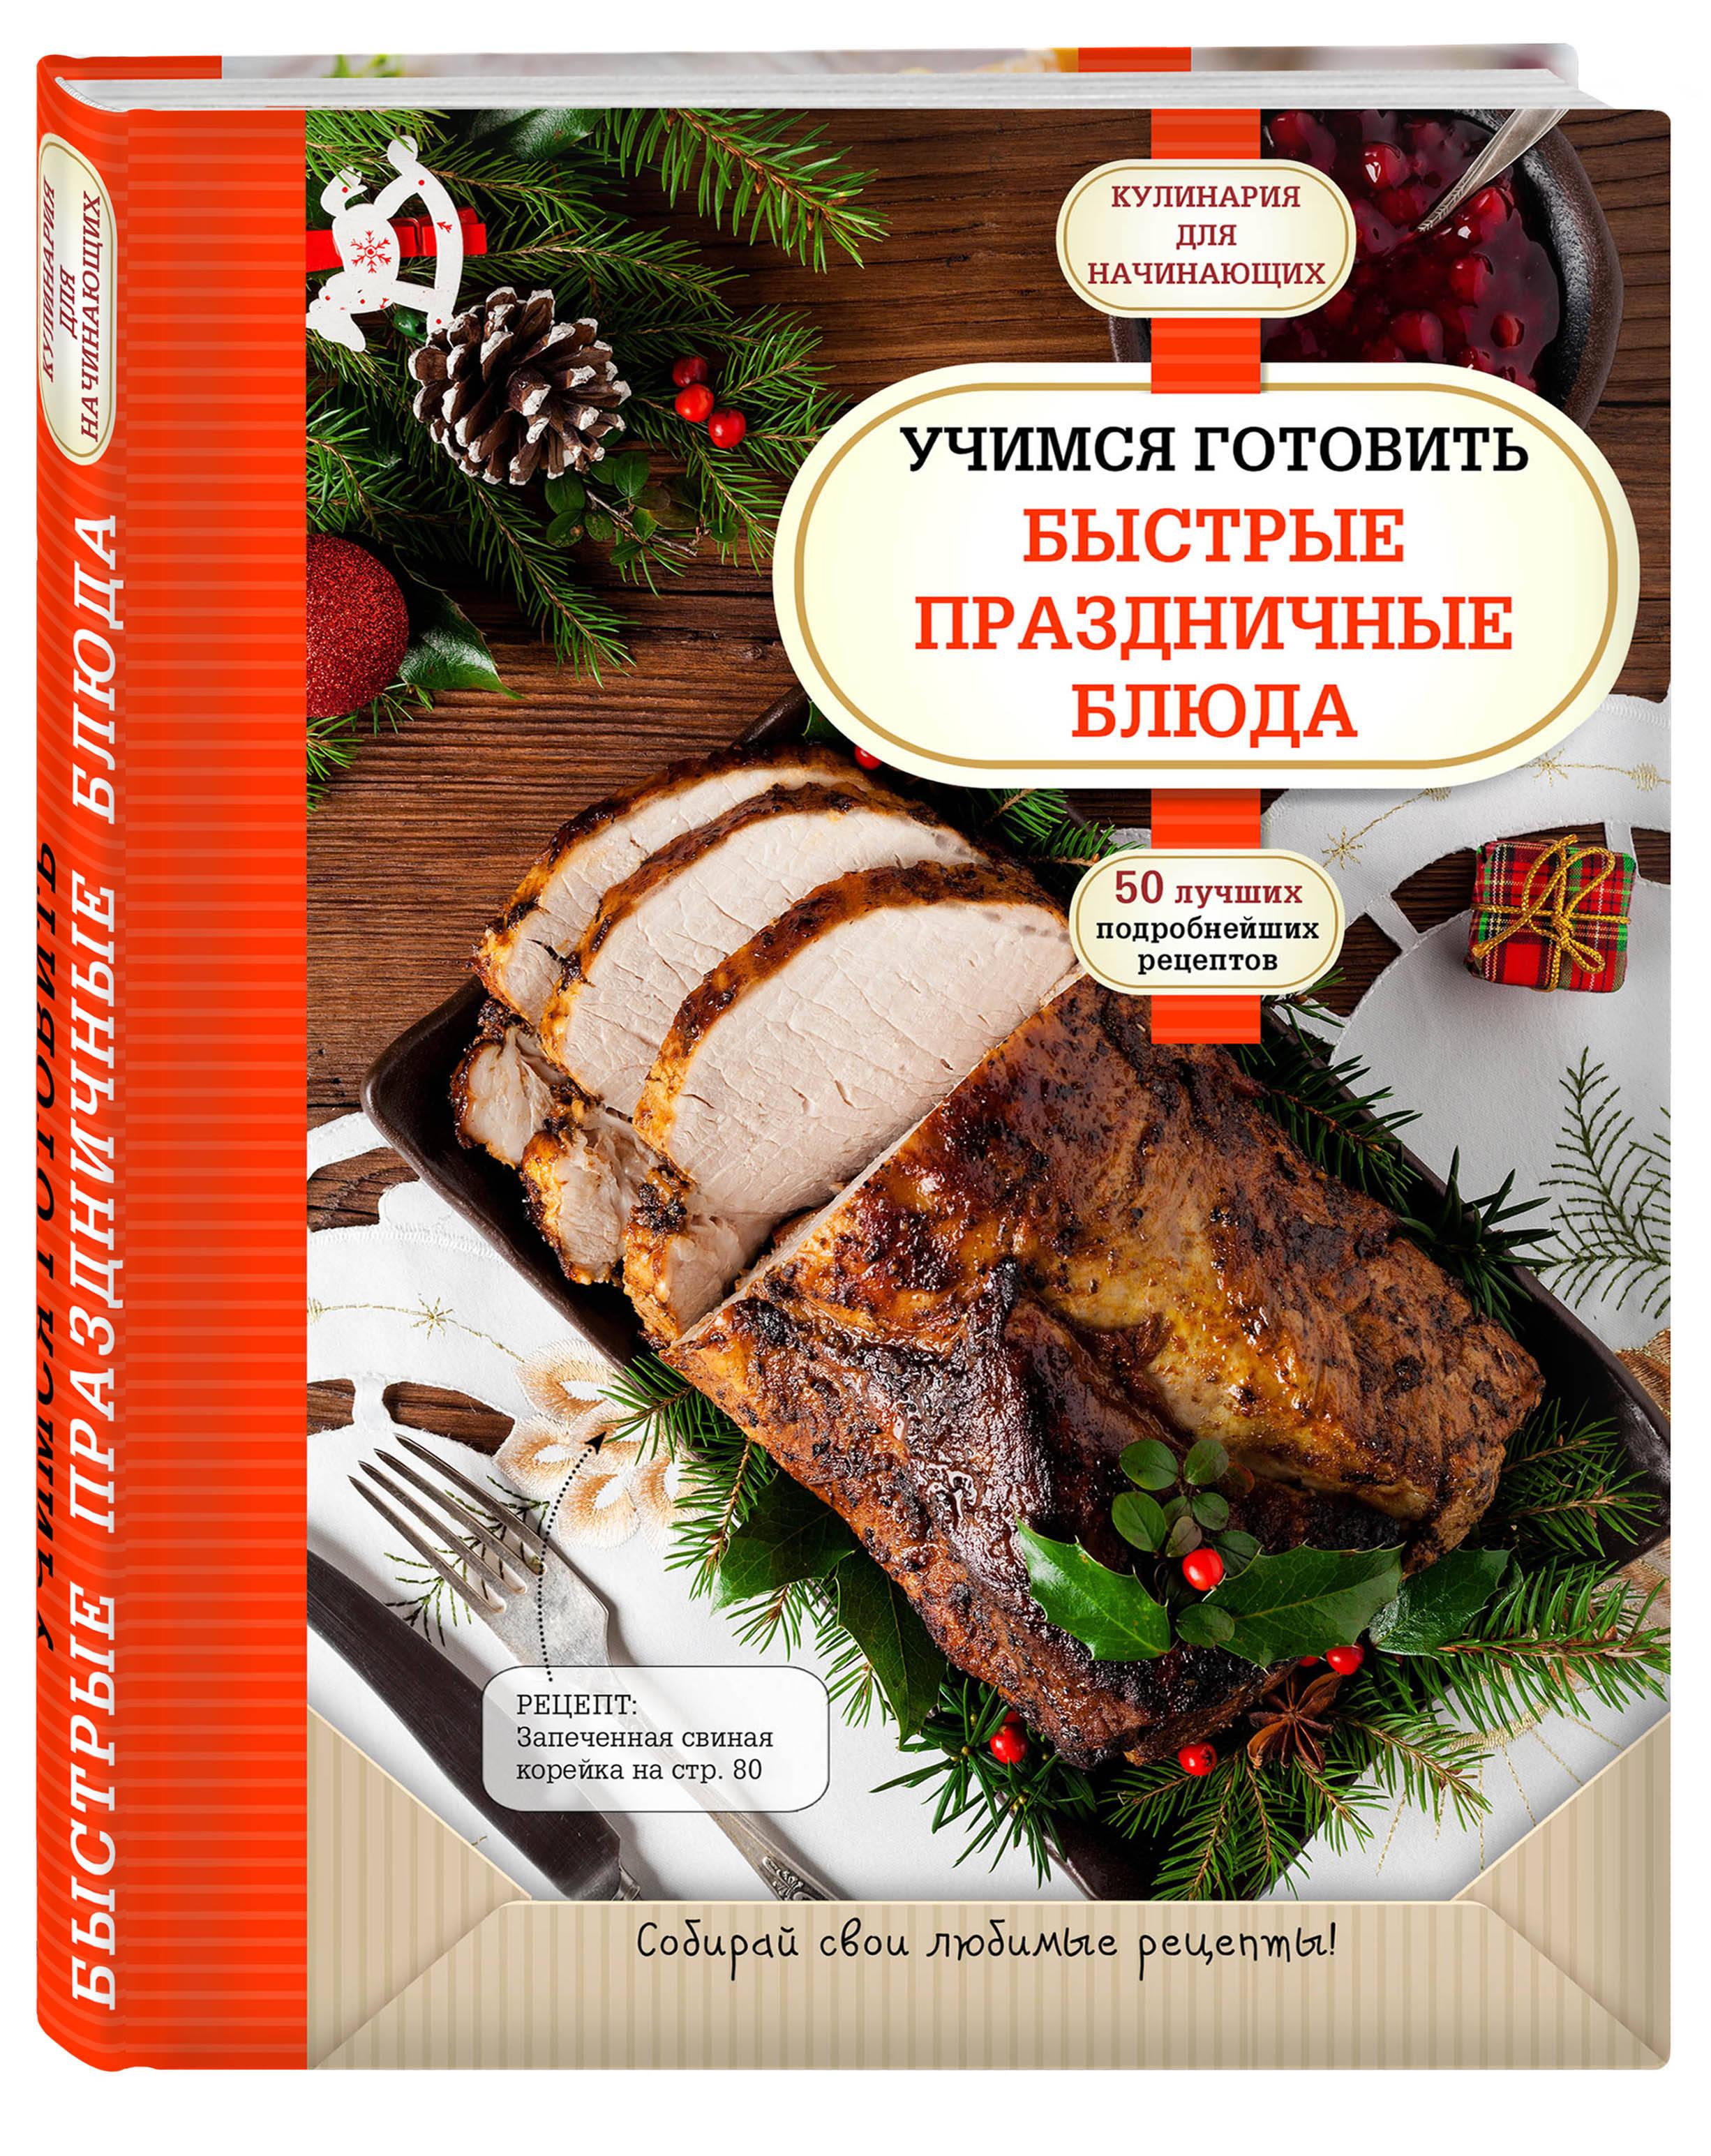 Учимся готовить быстрые праздничные блюда, ISBN 9785699980871, Издательство Эксмо ООО, 2017, Кулинария. Для начинающих , 978-5-6999-8087-1, 978-5-699-98087-1, 978-5-69-998087-1 - купить со скидкой